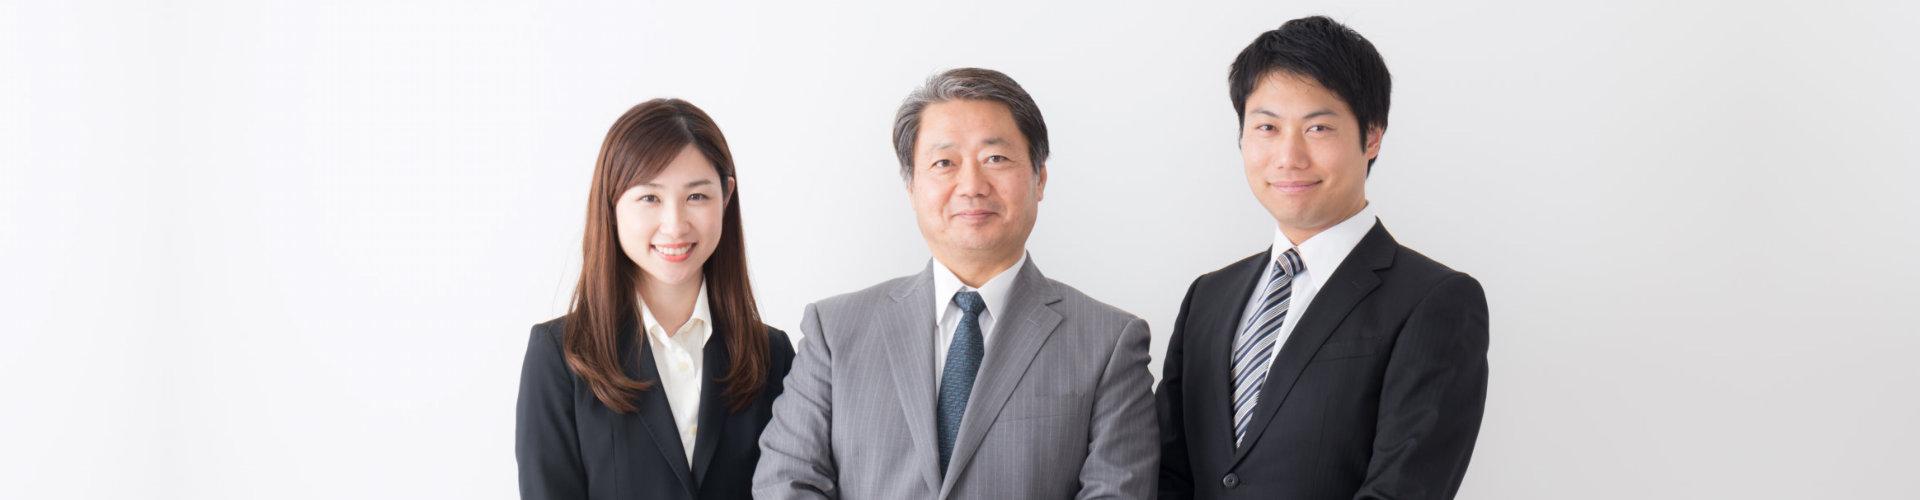 three professionals smiling